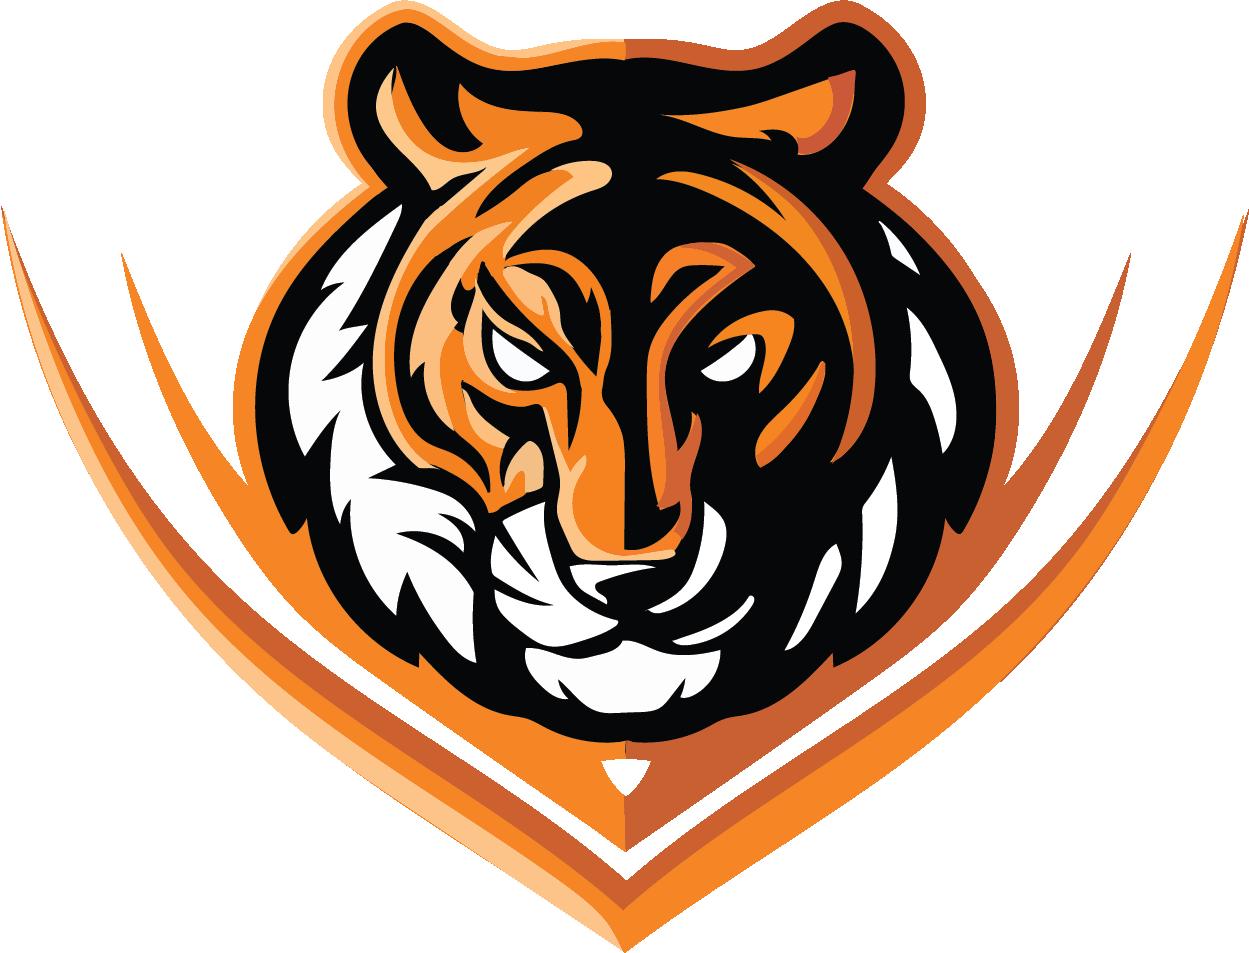 Barnegat Rocket League Orange's logo